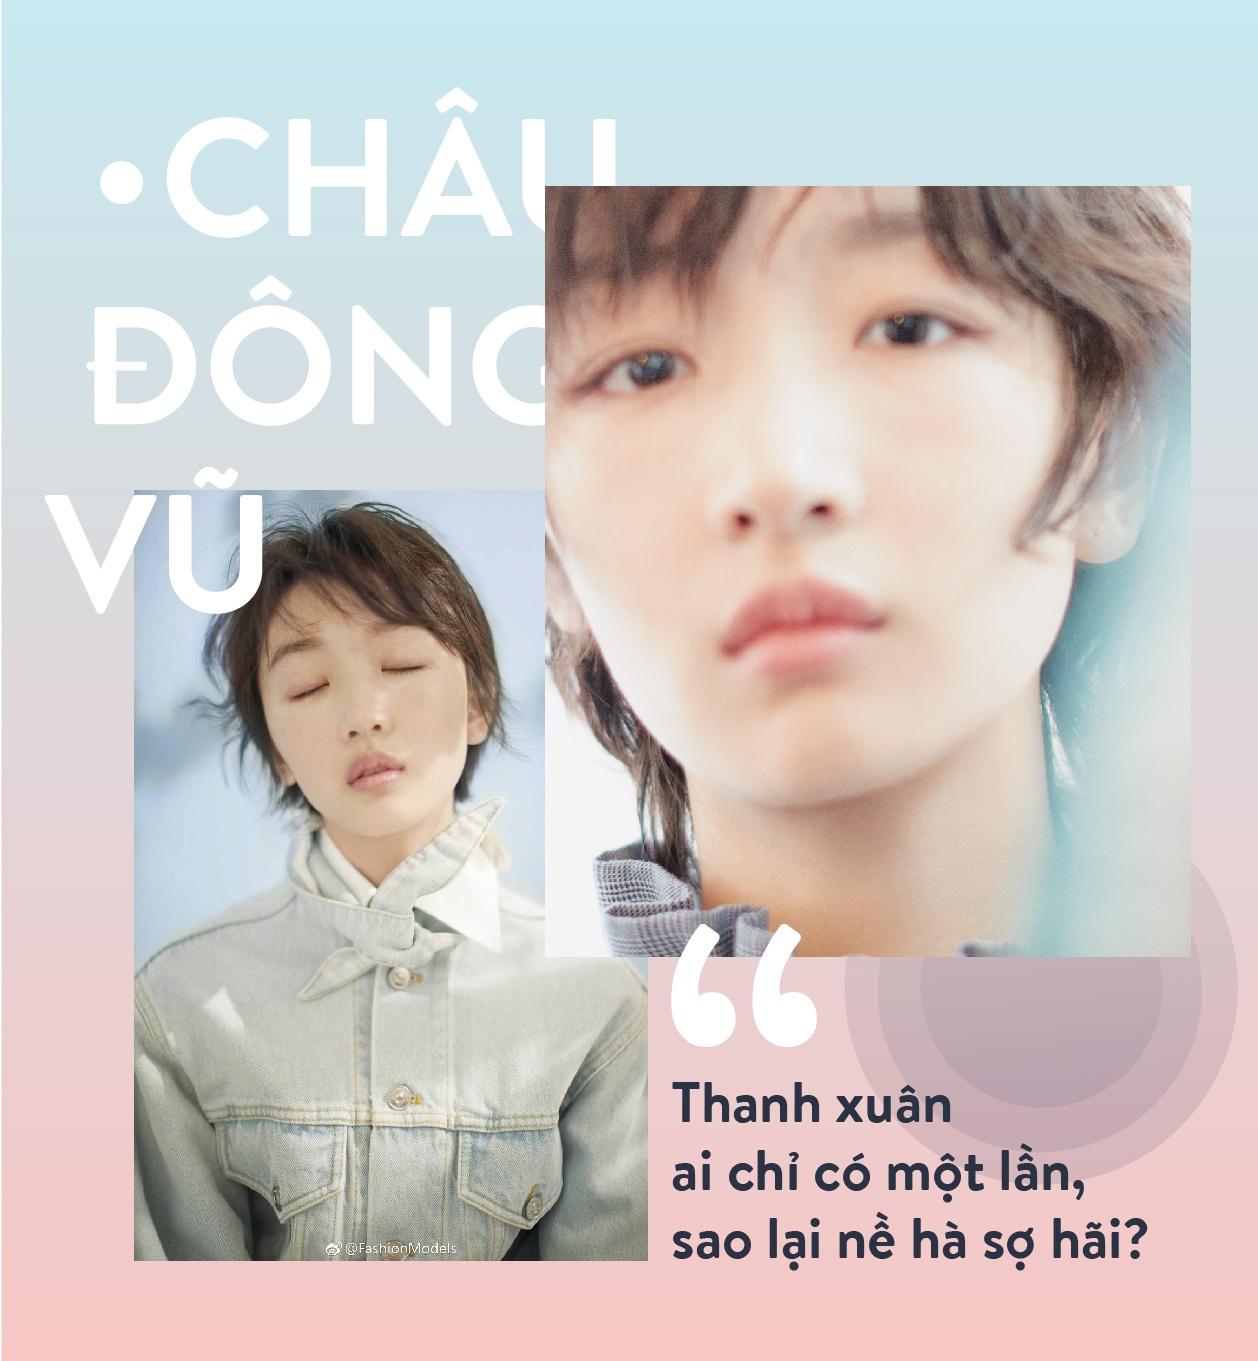 Chau Dong Vu noi tieng anh 12